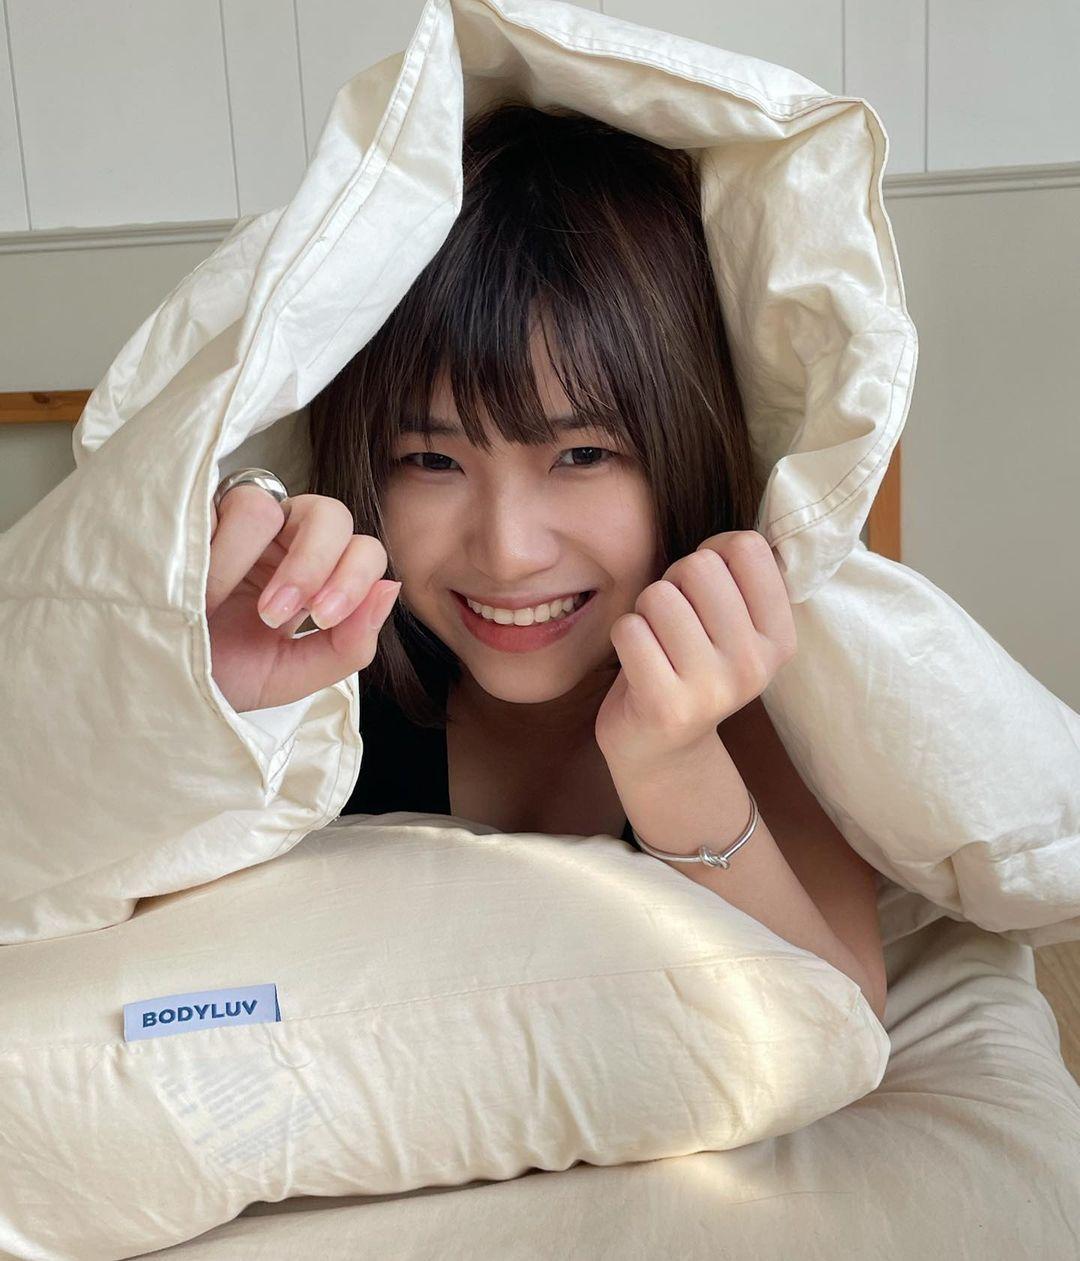 深藏不露的短发妹笑容甜美充满活力,还有超会画画的才华 网络美女 第8张